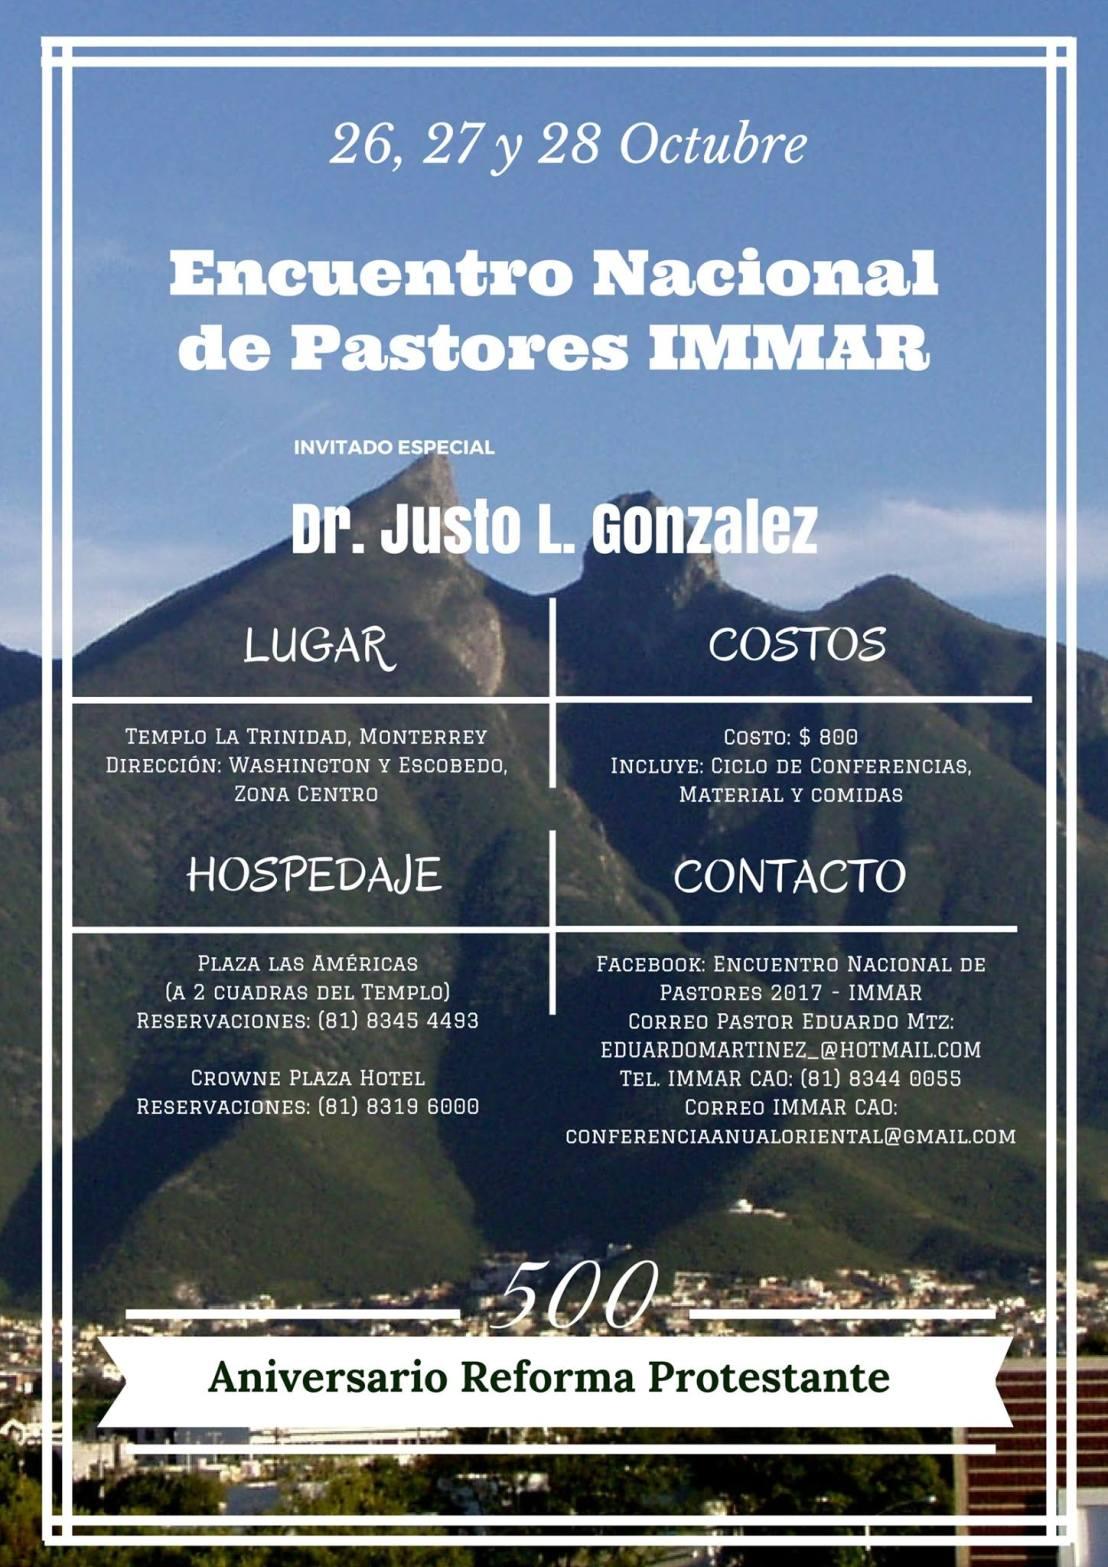 Encuentro Nacional de Pastores 2017